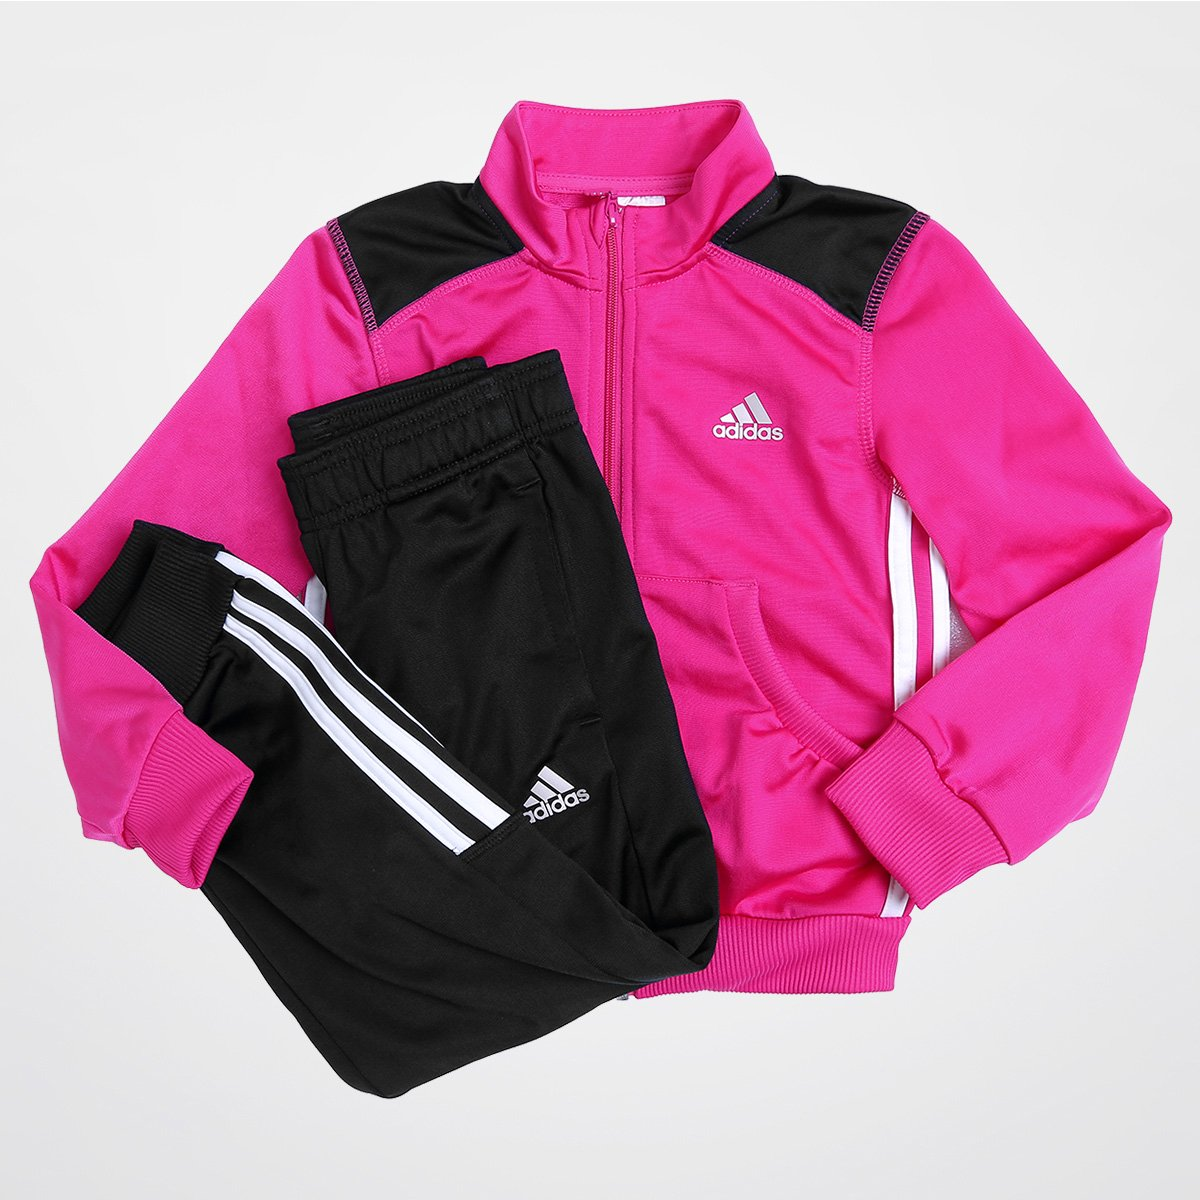 Agasalho Adidas Lg Ess Pes Ts C Infantil - Compre Agora  d5a3b61468caf